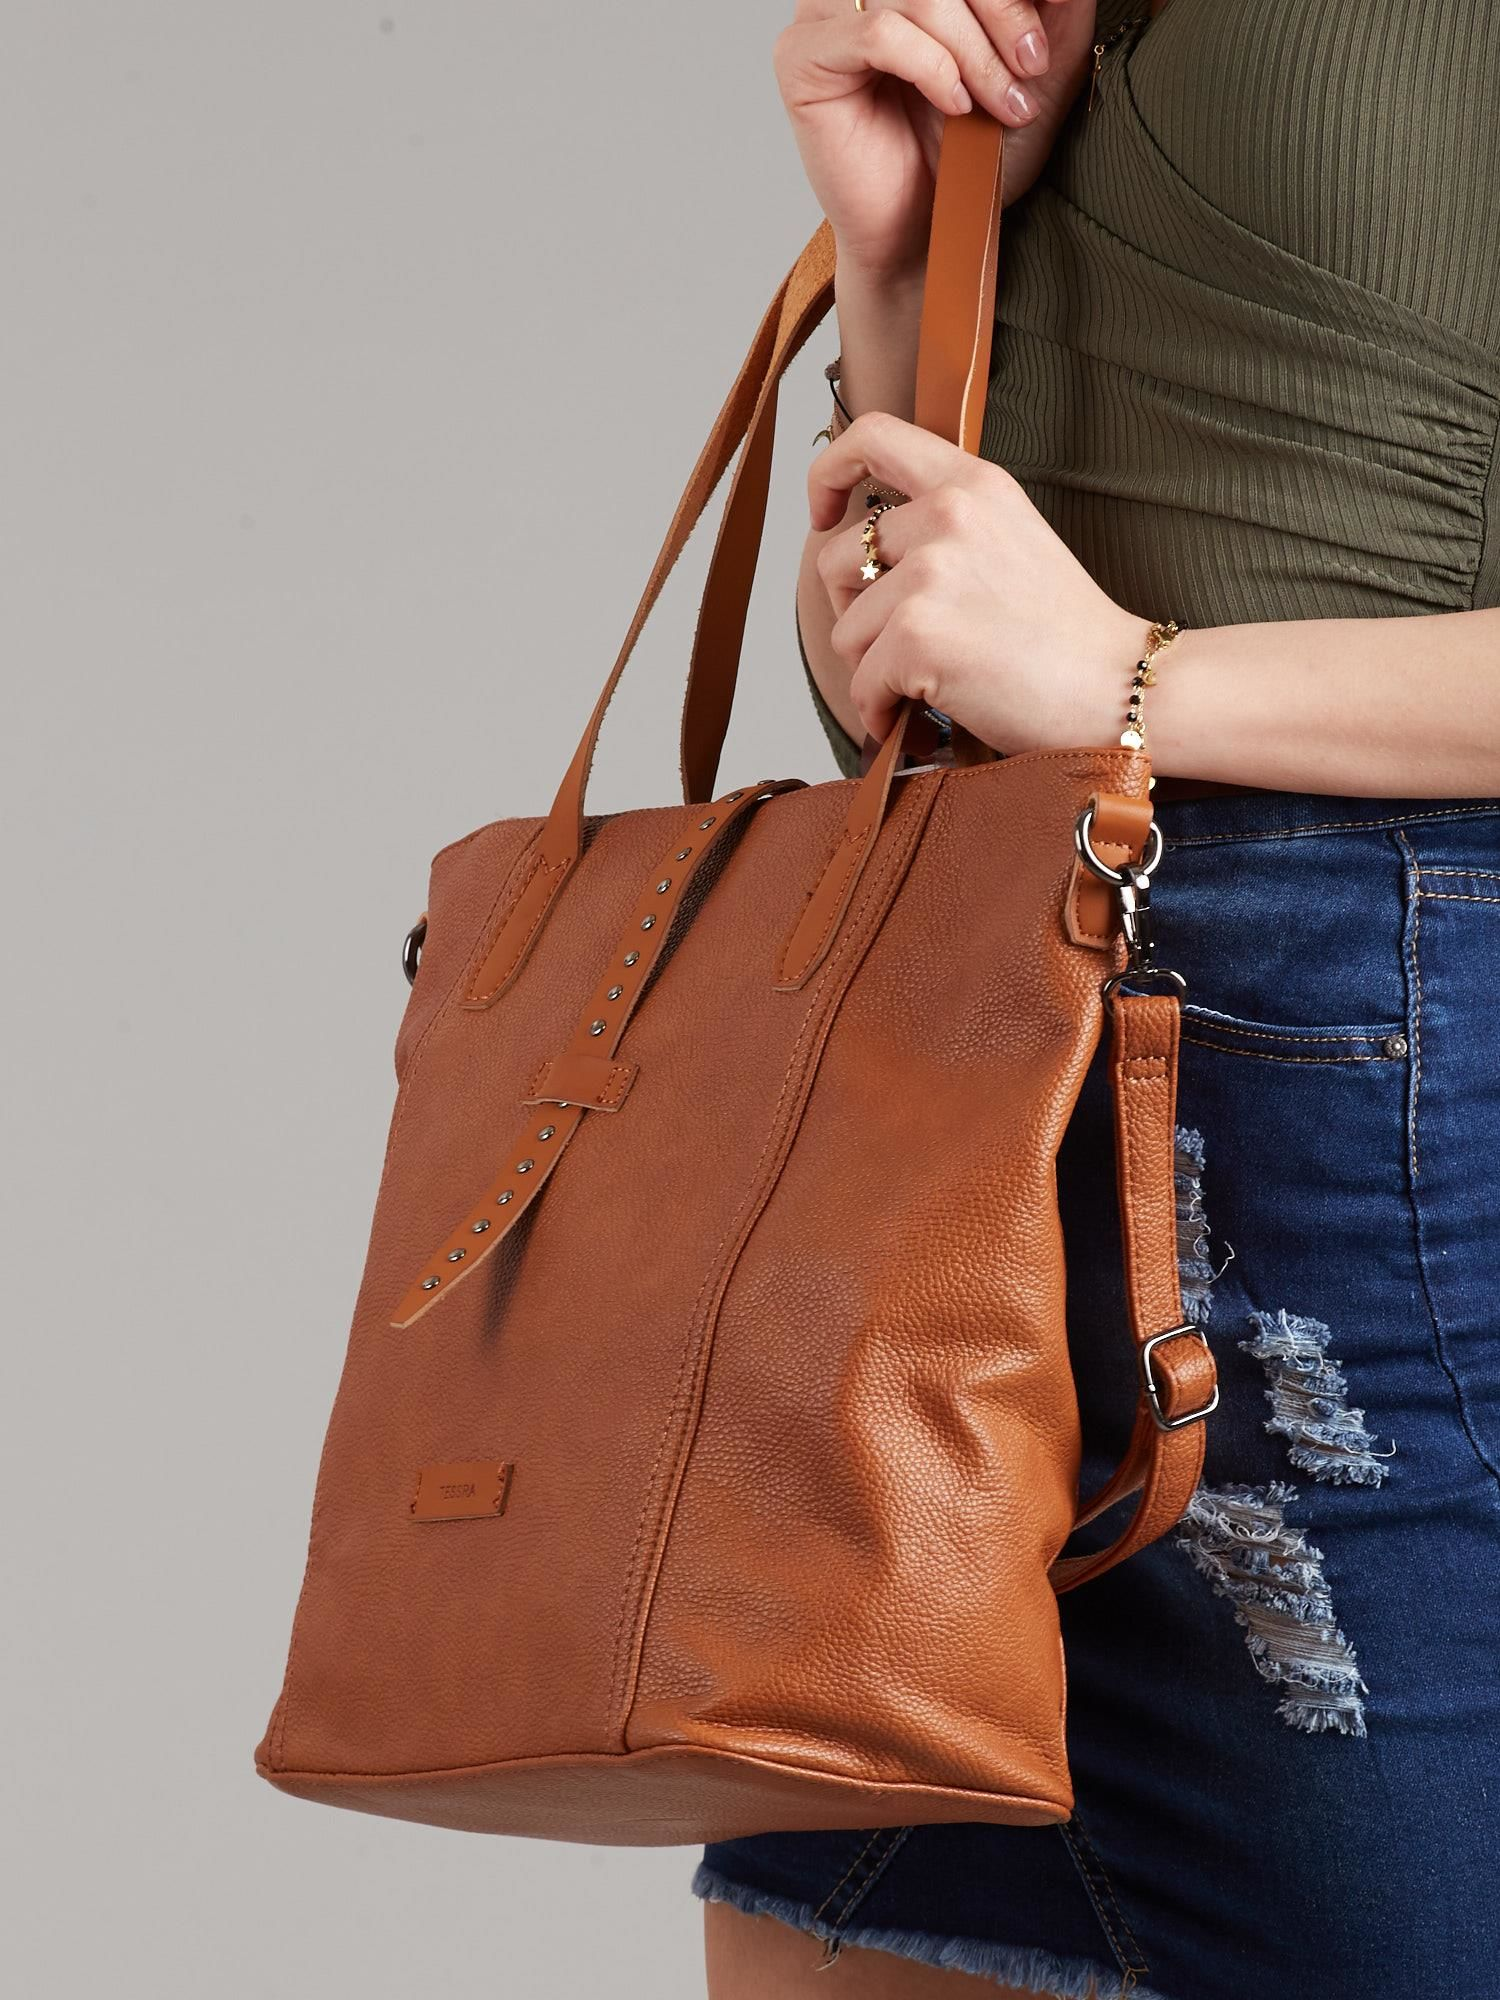 872de8e0b3127 Brązowa torba shopper ze skóry ekologicznej - Akcesoria torba ...